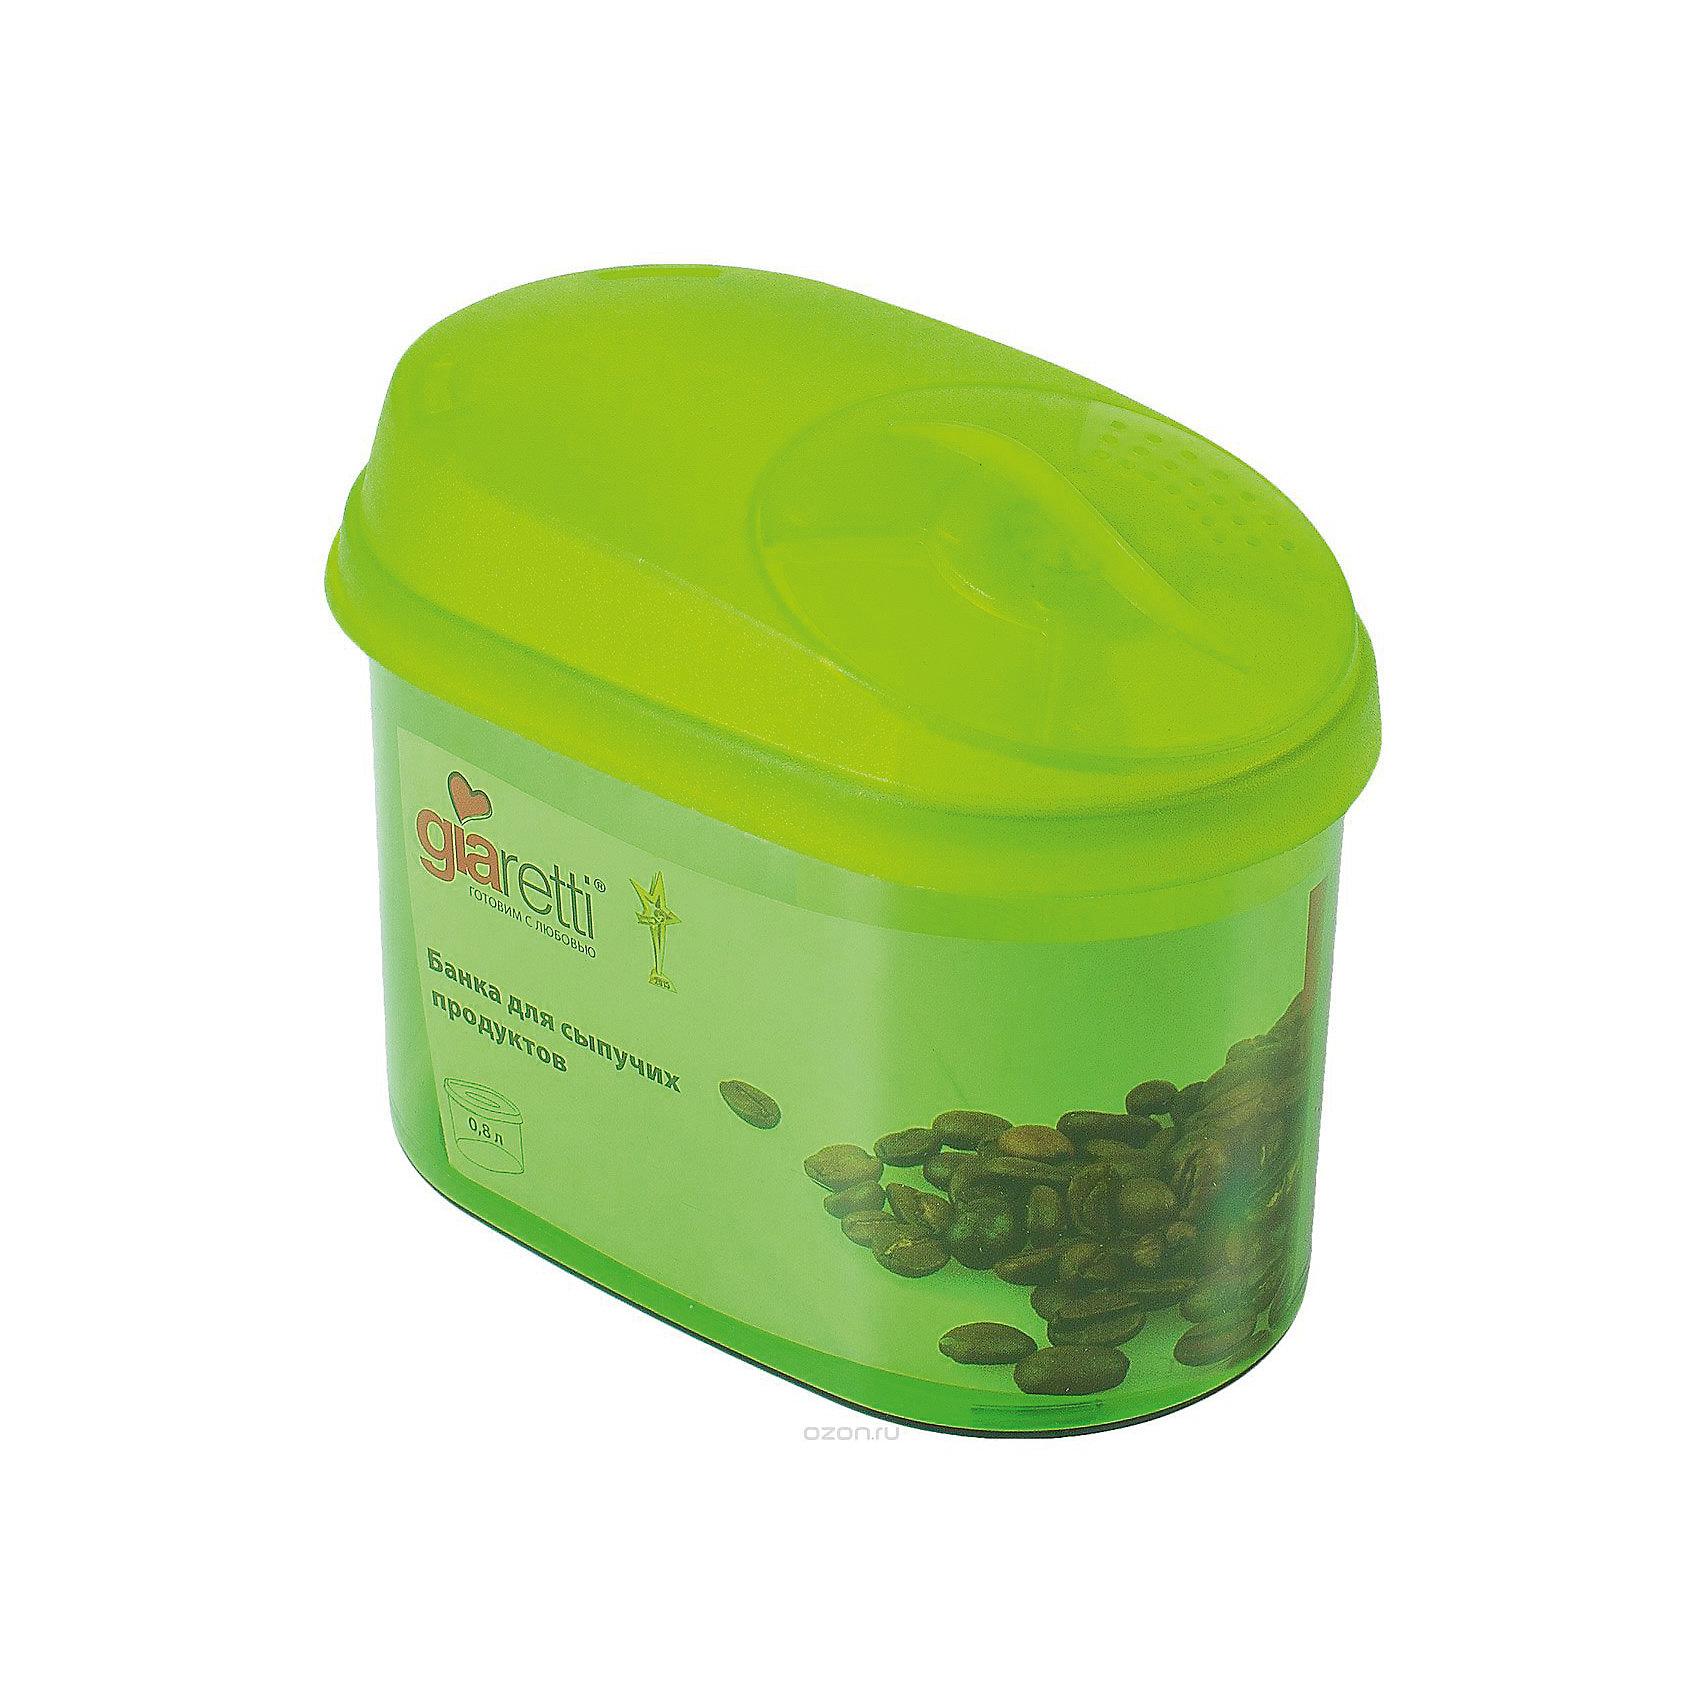 Банка для сыпучих продуктов с дозатором 0,8 л, GiarettiПосуда<br>Банка для сыпучих продуктов предназначена для хранения круп, сахара, макаронных изделий и т.п., в том числе для продуктов с ярким ароматом (специи и пр.). Плотно прилегающая крышка не пропускает запахи содержимого в шкаф для хранения, при этом продукт не теряет своего аромата. Двойной дозатор предназначен для мелких и крупных сыпучих продуктов. Банки легко устанавливаются одна на другую.<br><br>Ширина мм: 155<br>Глубина мм: 90<br>Высота мм: 120<br>Вес г: 135<br>Возраст от месяцев: 216<br>Возраст до месяцев: 1188<br>Пол: Унисекс<br>Возраст: Детский<br>SKU: 5545633